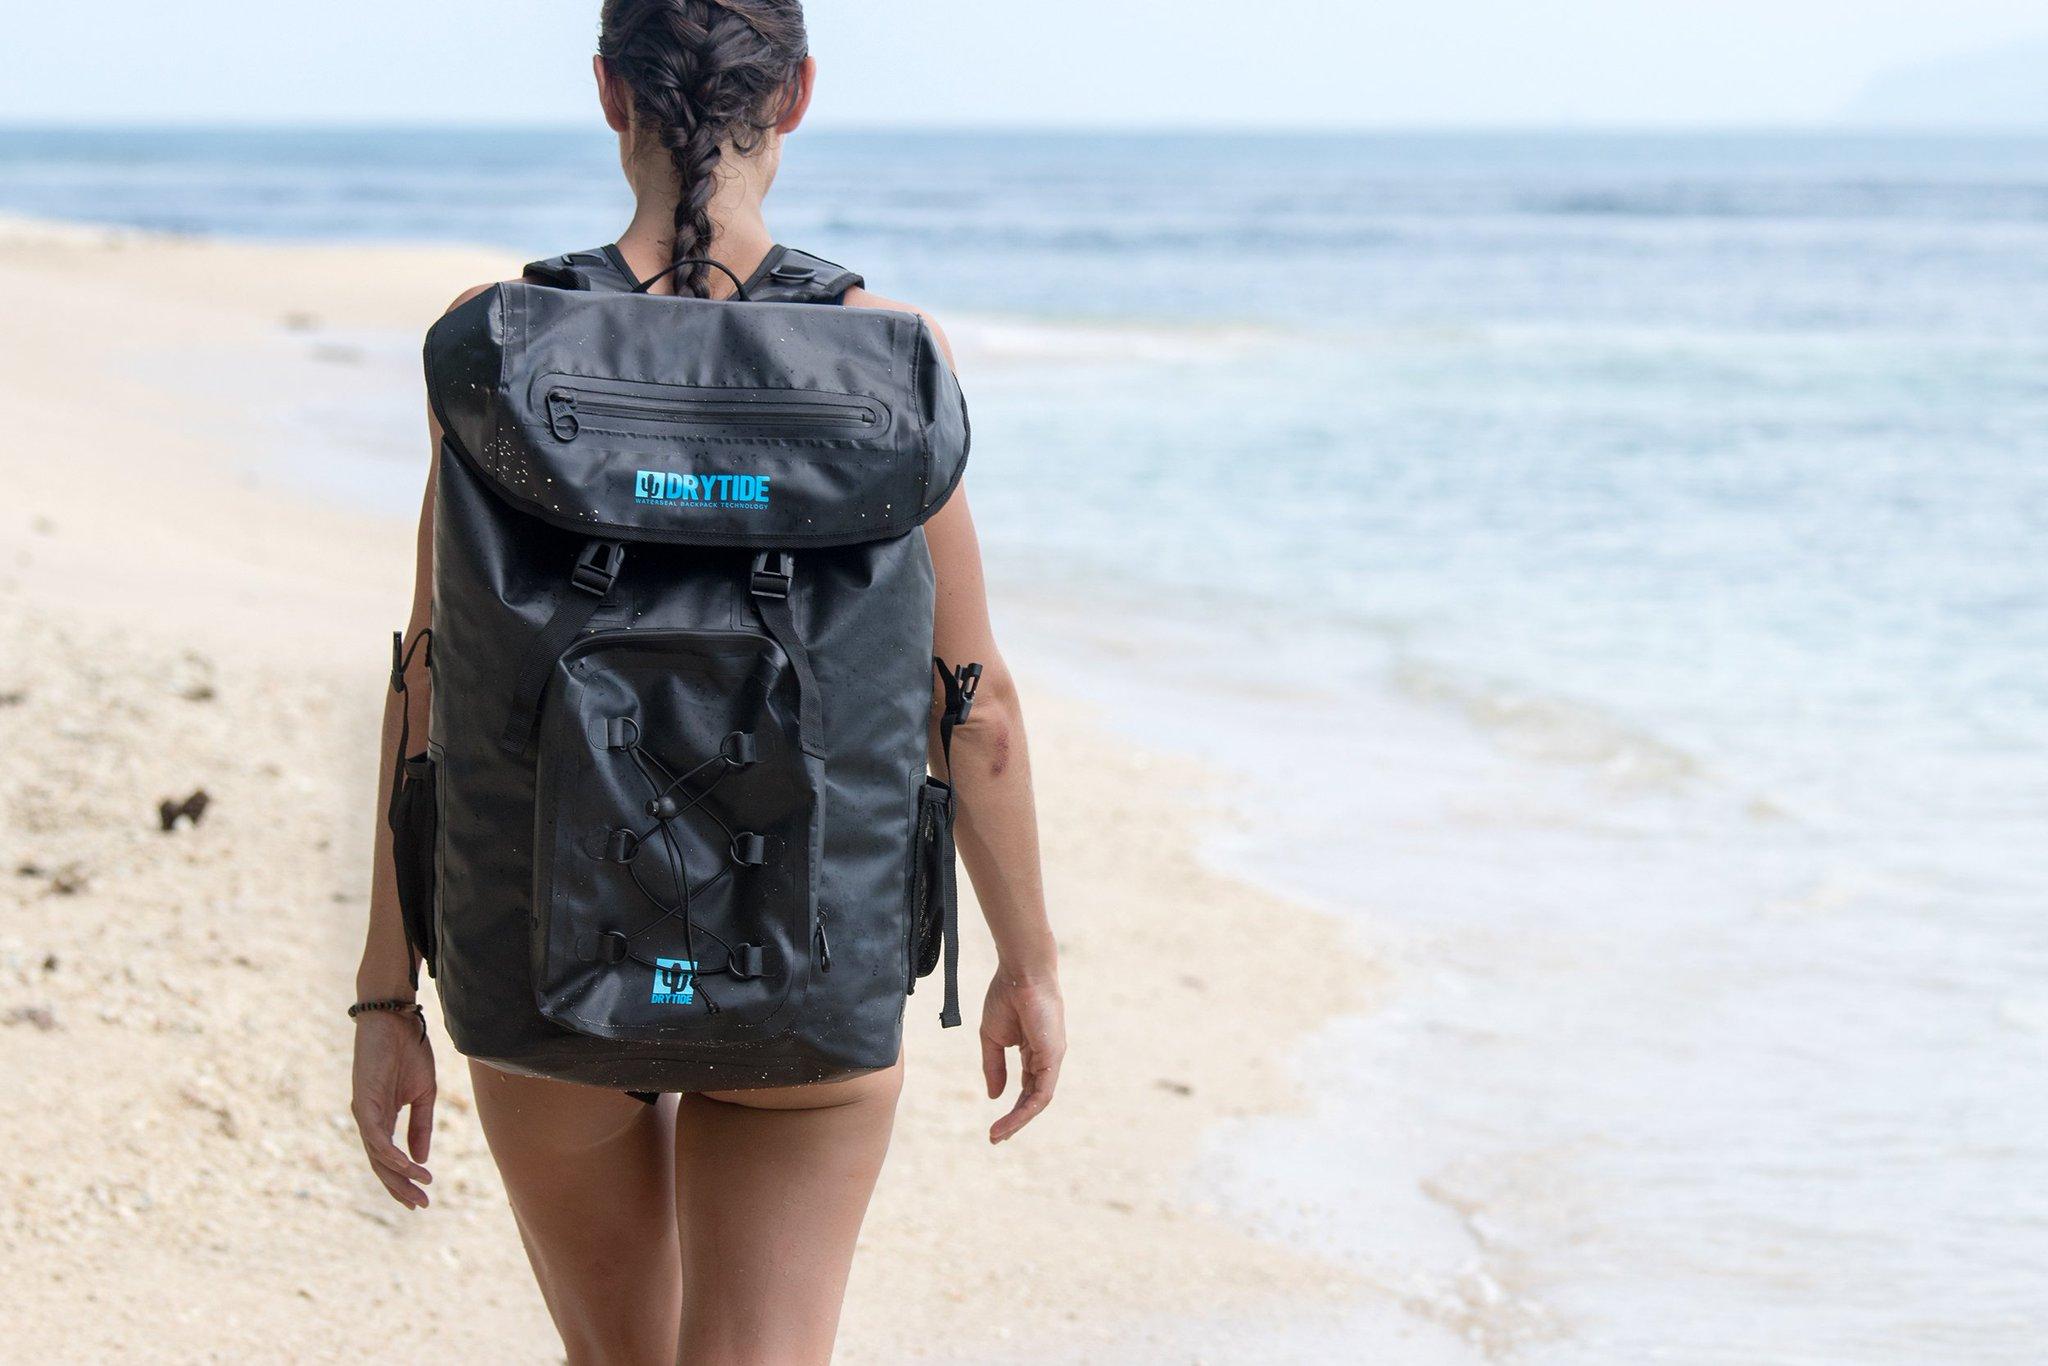 ada445249e1e DryTide Backpacks on Twitter